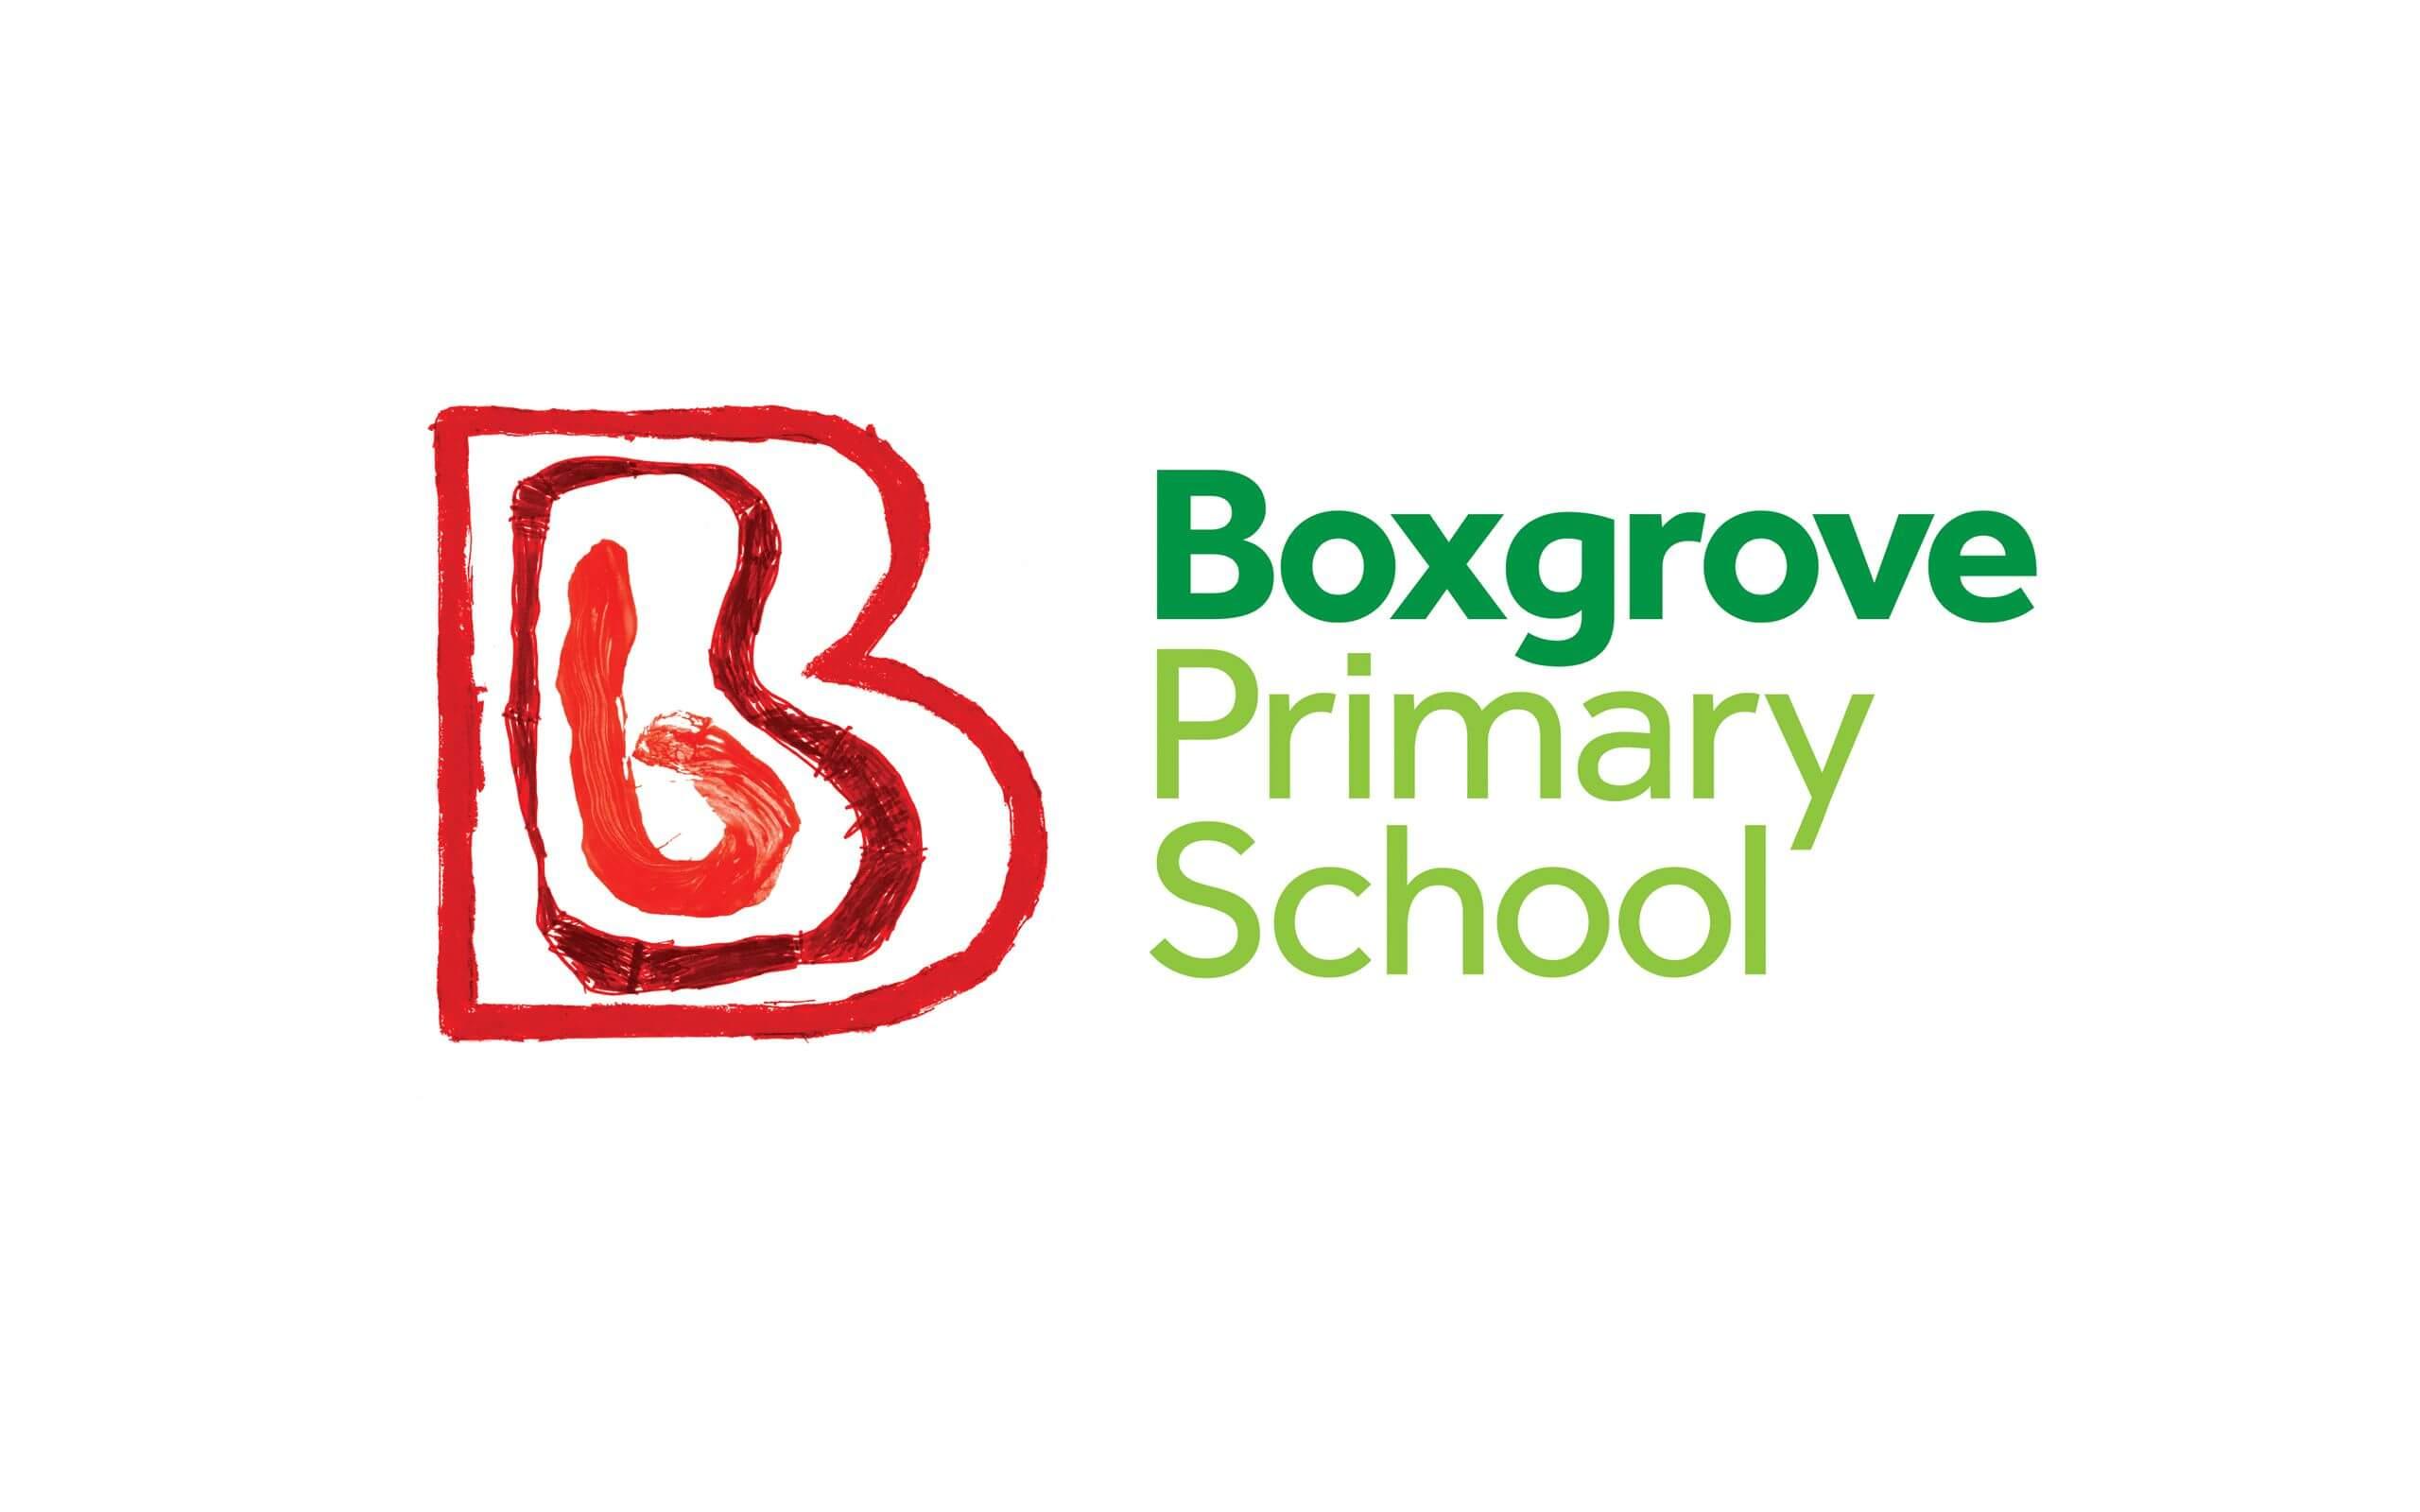 Boxgrove Primary School Guildford logo